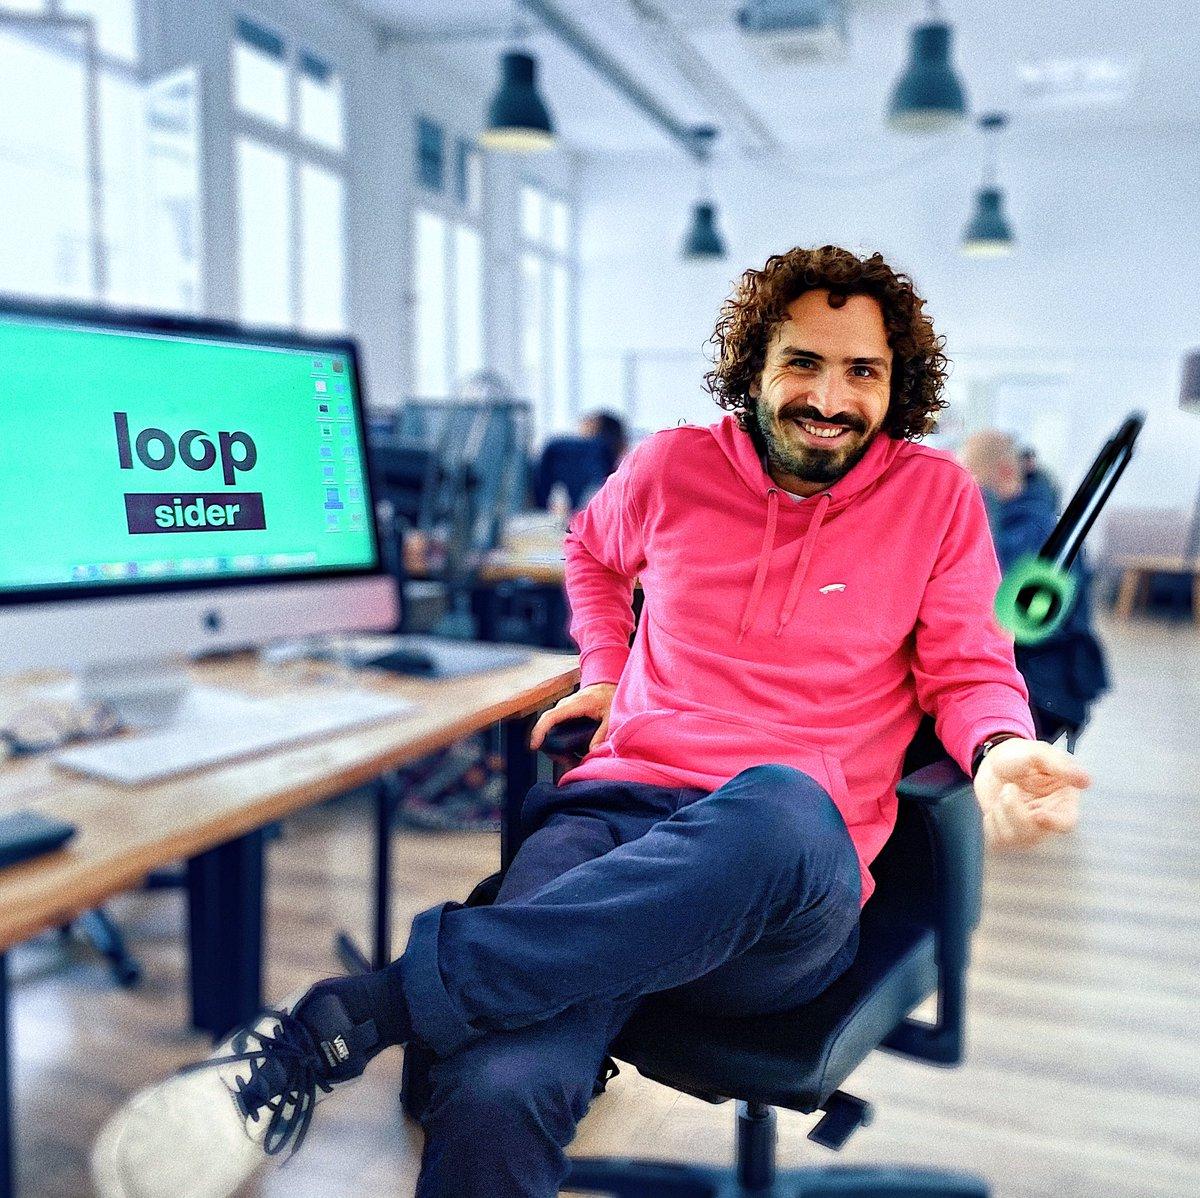 Allez hop, je reprends du service ! Sur @Loopsidernews, une vidéo tous les 15 jours, dès mercredi. Vous serez là ?